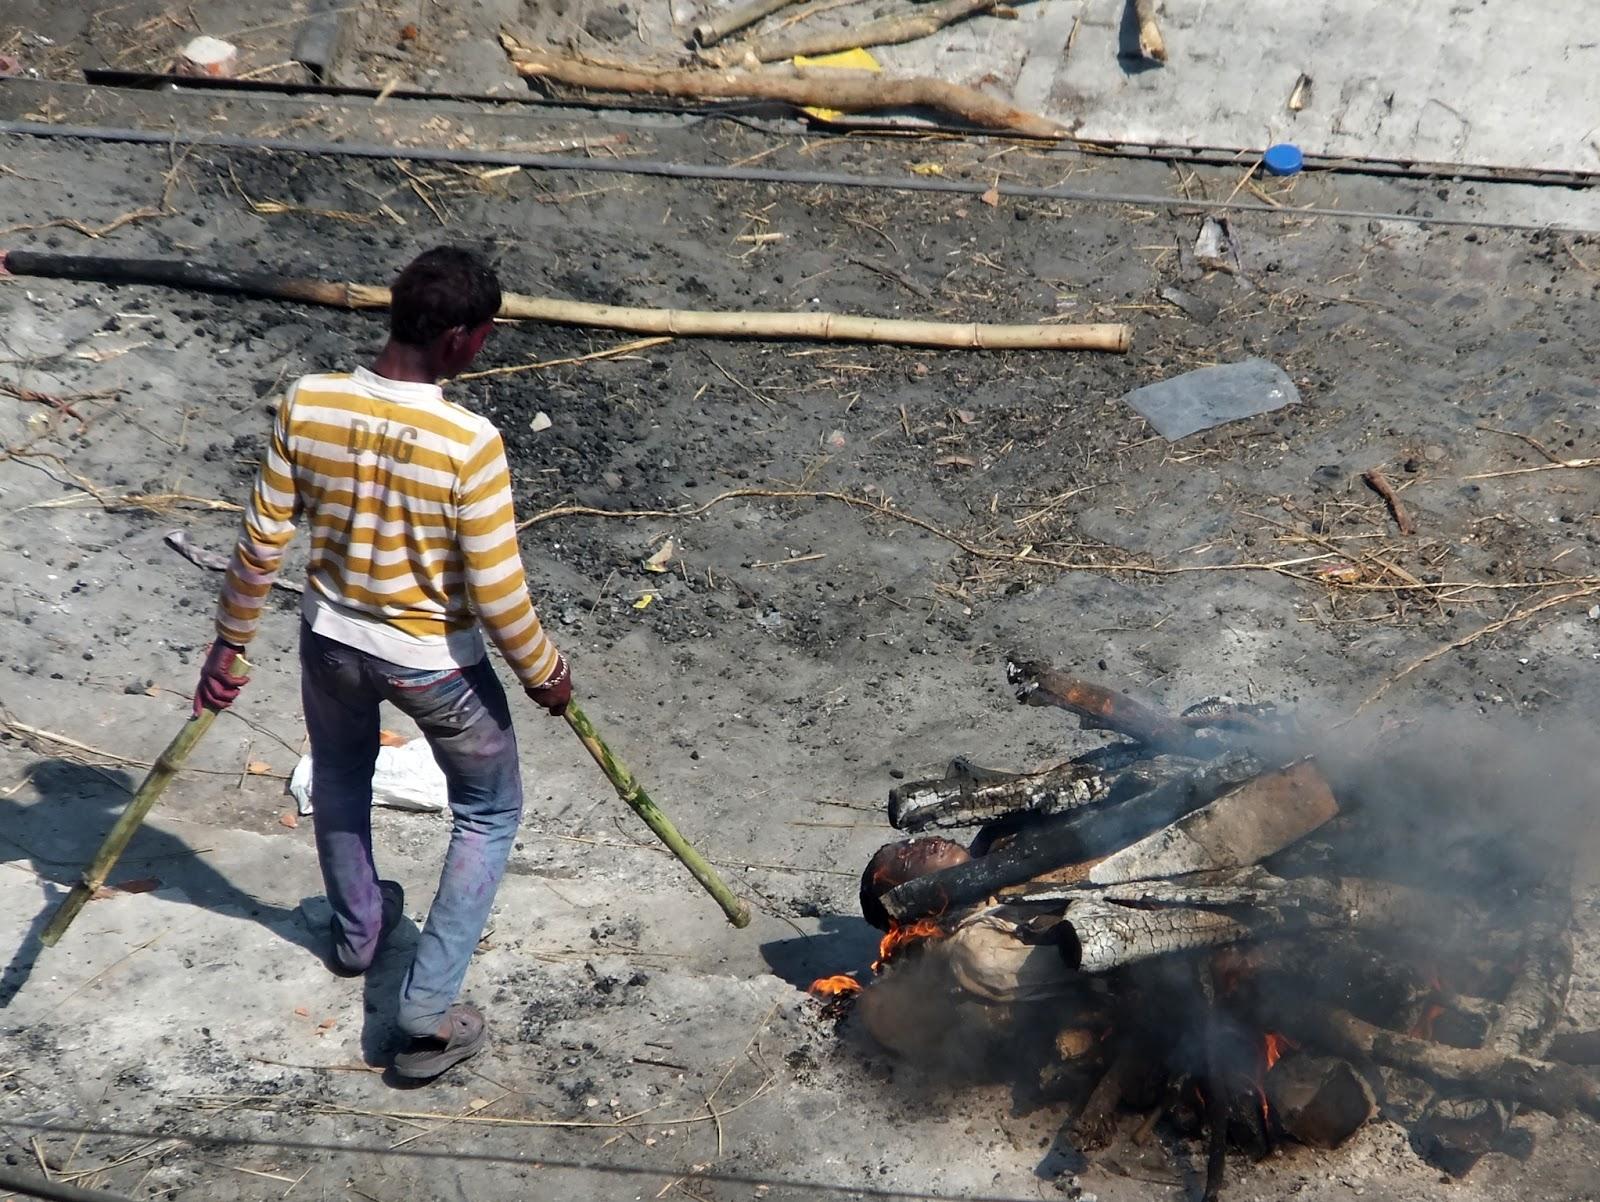 процесс кремации в Варанаси